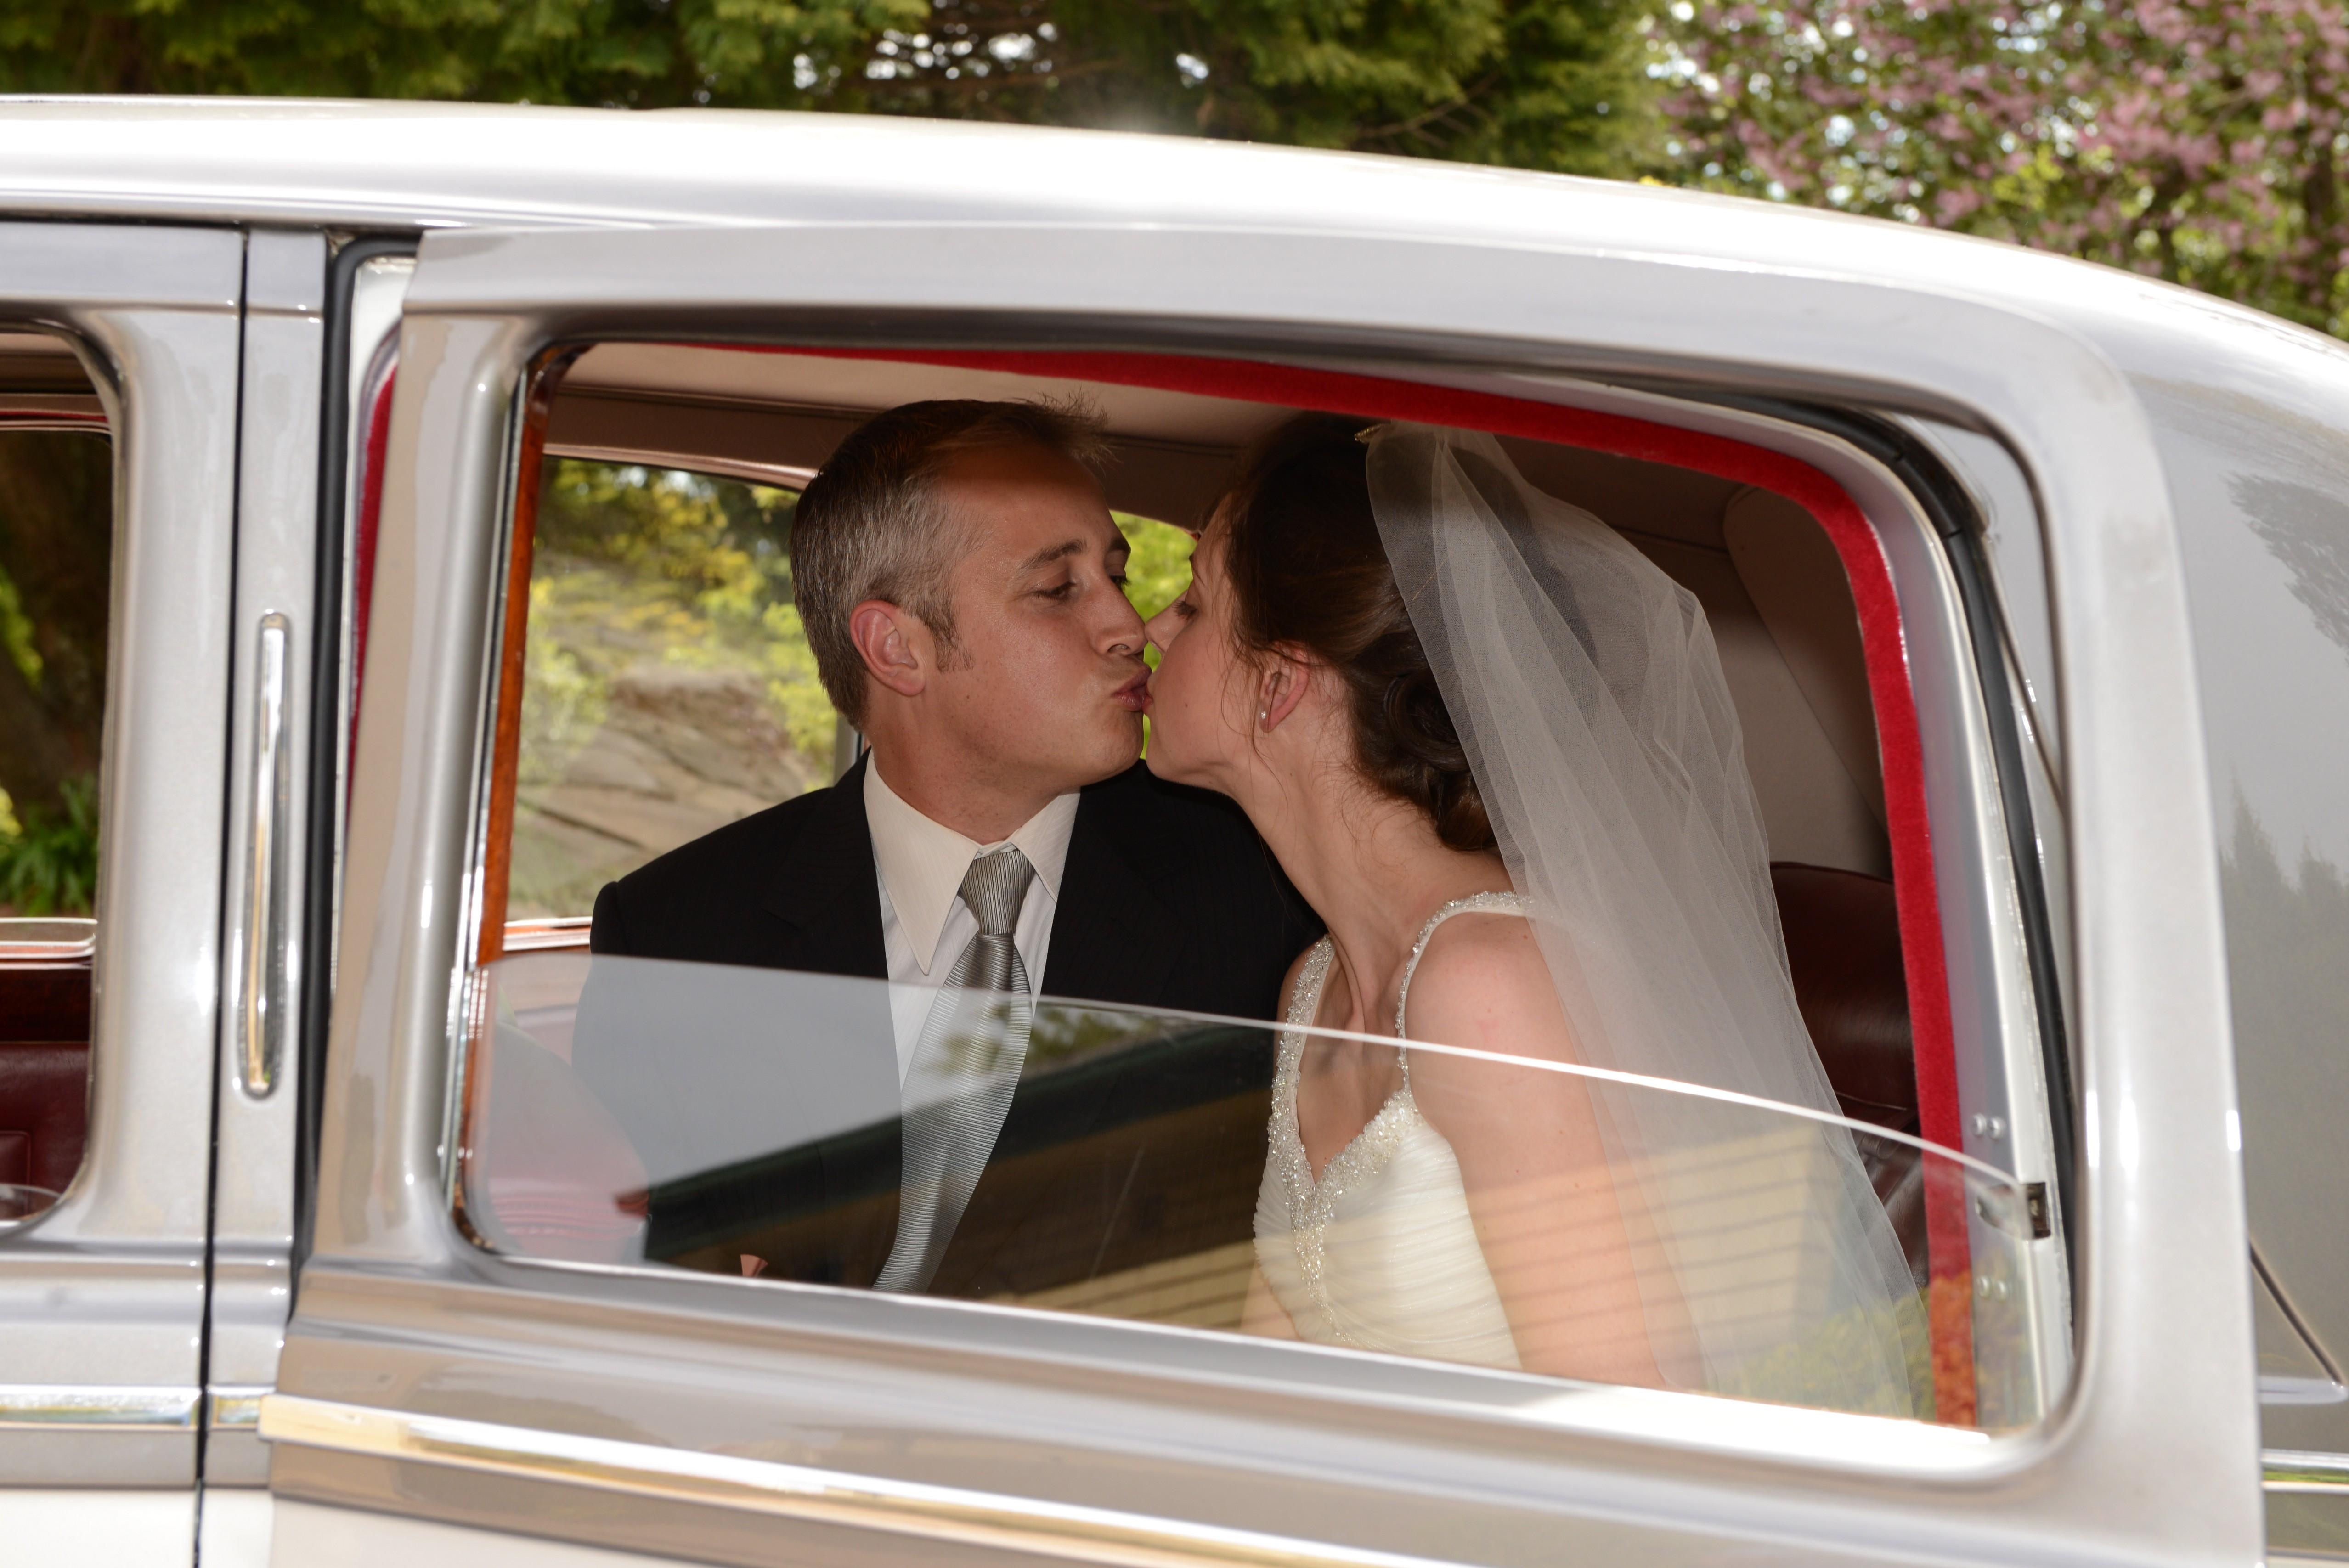 Bride & groom in car